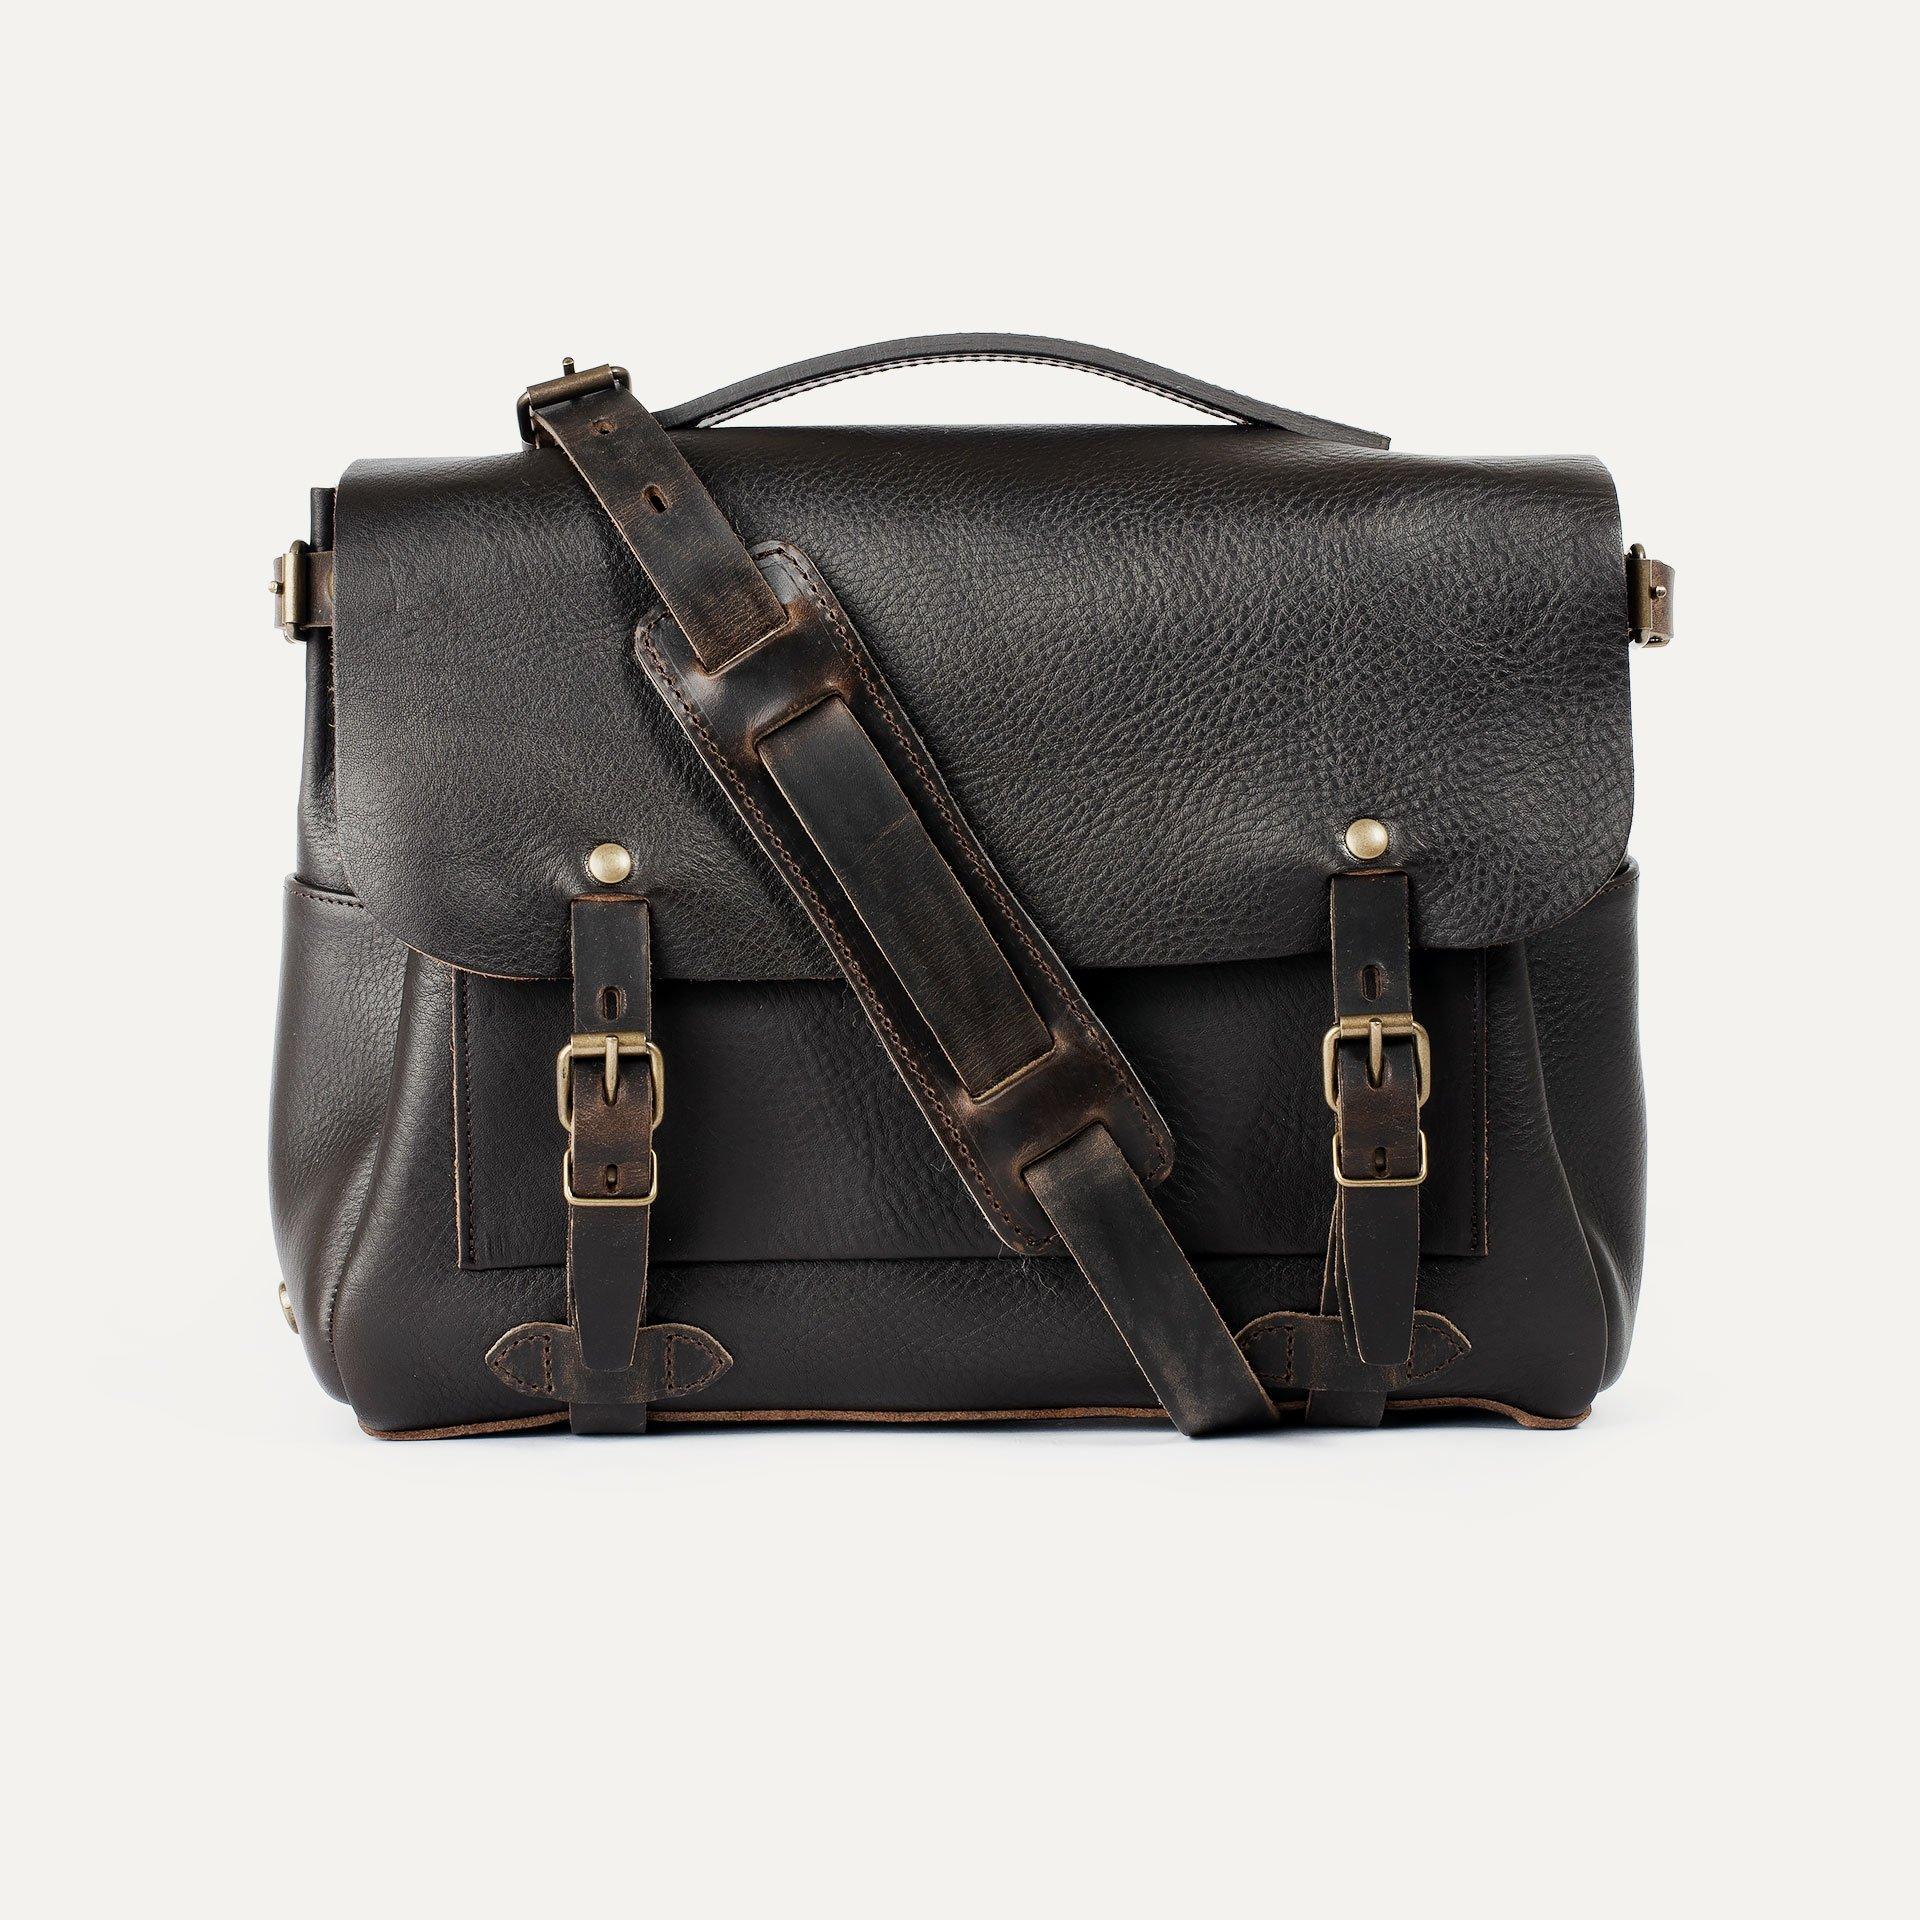 Postman bag Eclair M - T Moro (image n°1)